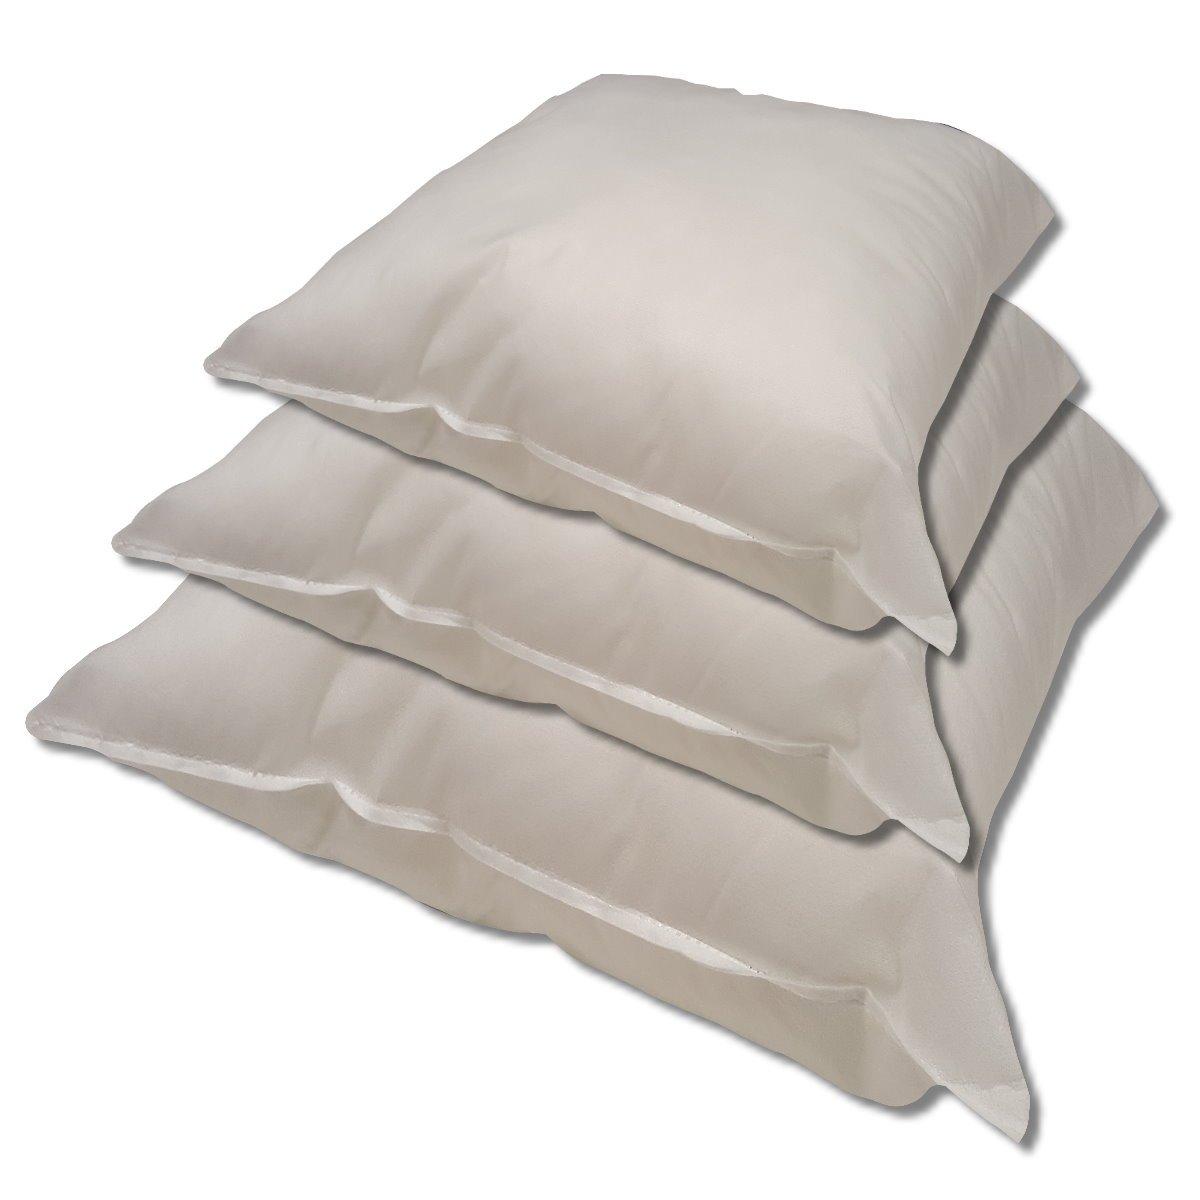 interni per cuscini arredo